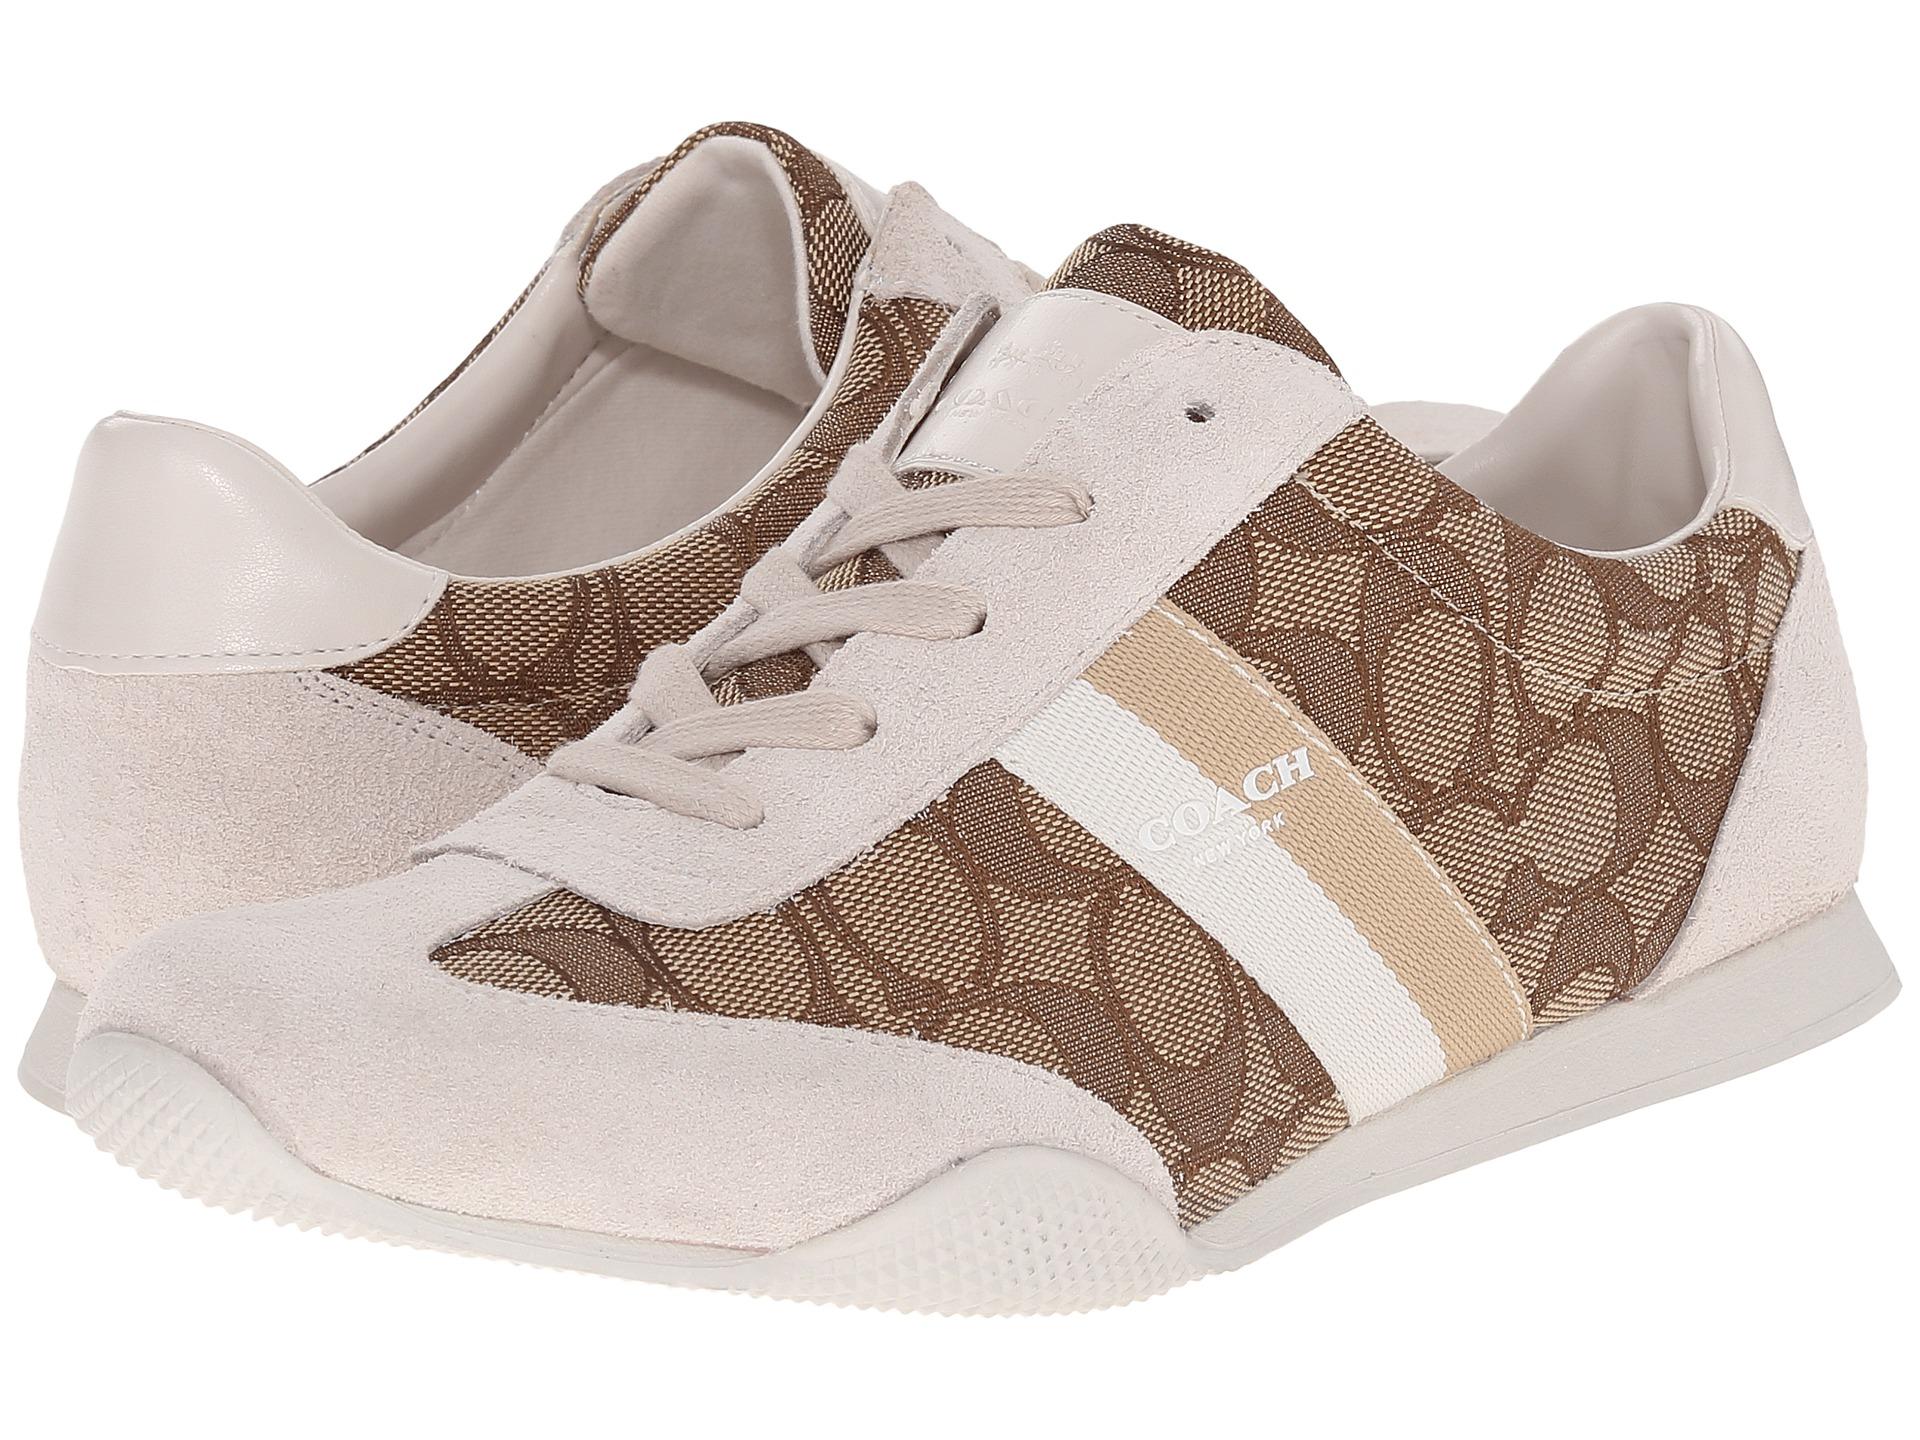 코치 켈슨 아웃라인 스니커즈 시그니처 카키 초크 스웨이드 COACH Kelson Outline Sneakers Khaki Chalk Sig Suede